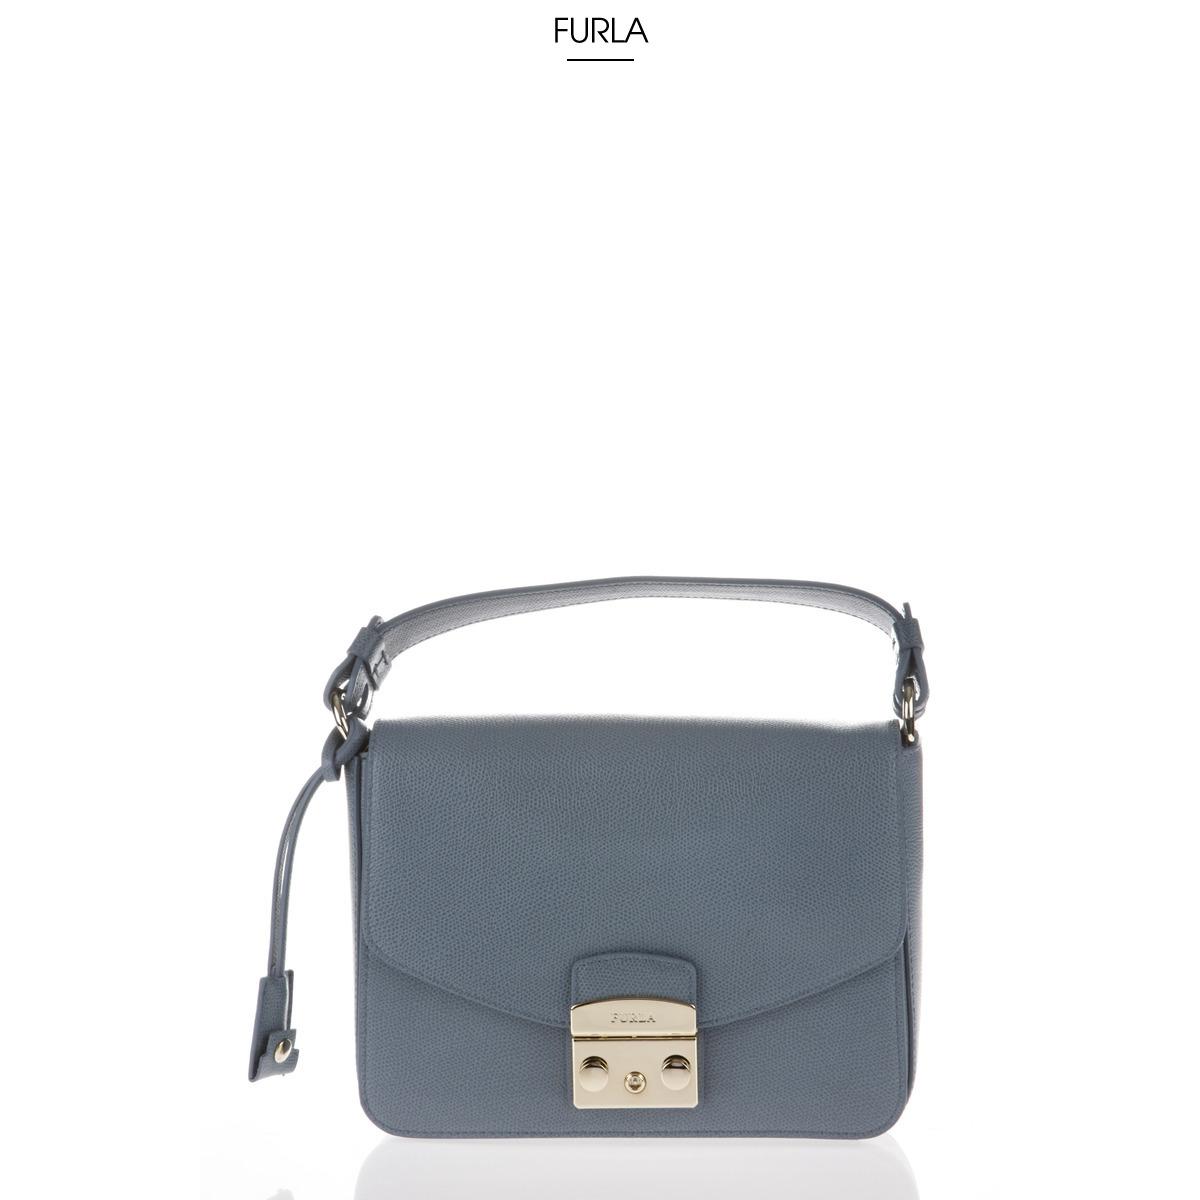 FURLA/芙拉 代购 女士新款时尚简约单肩斜挎包 793772